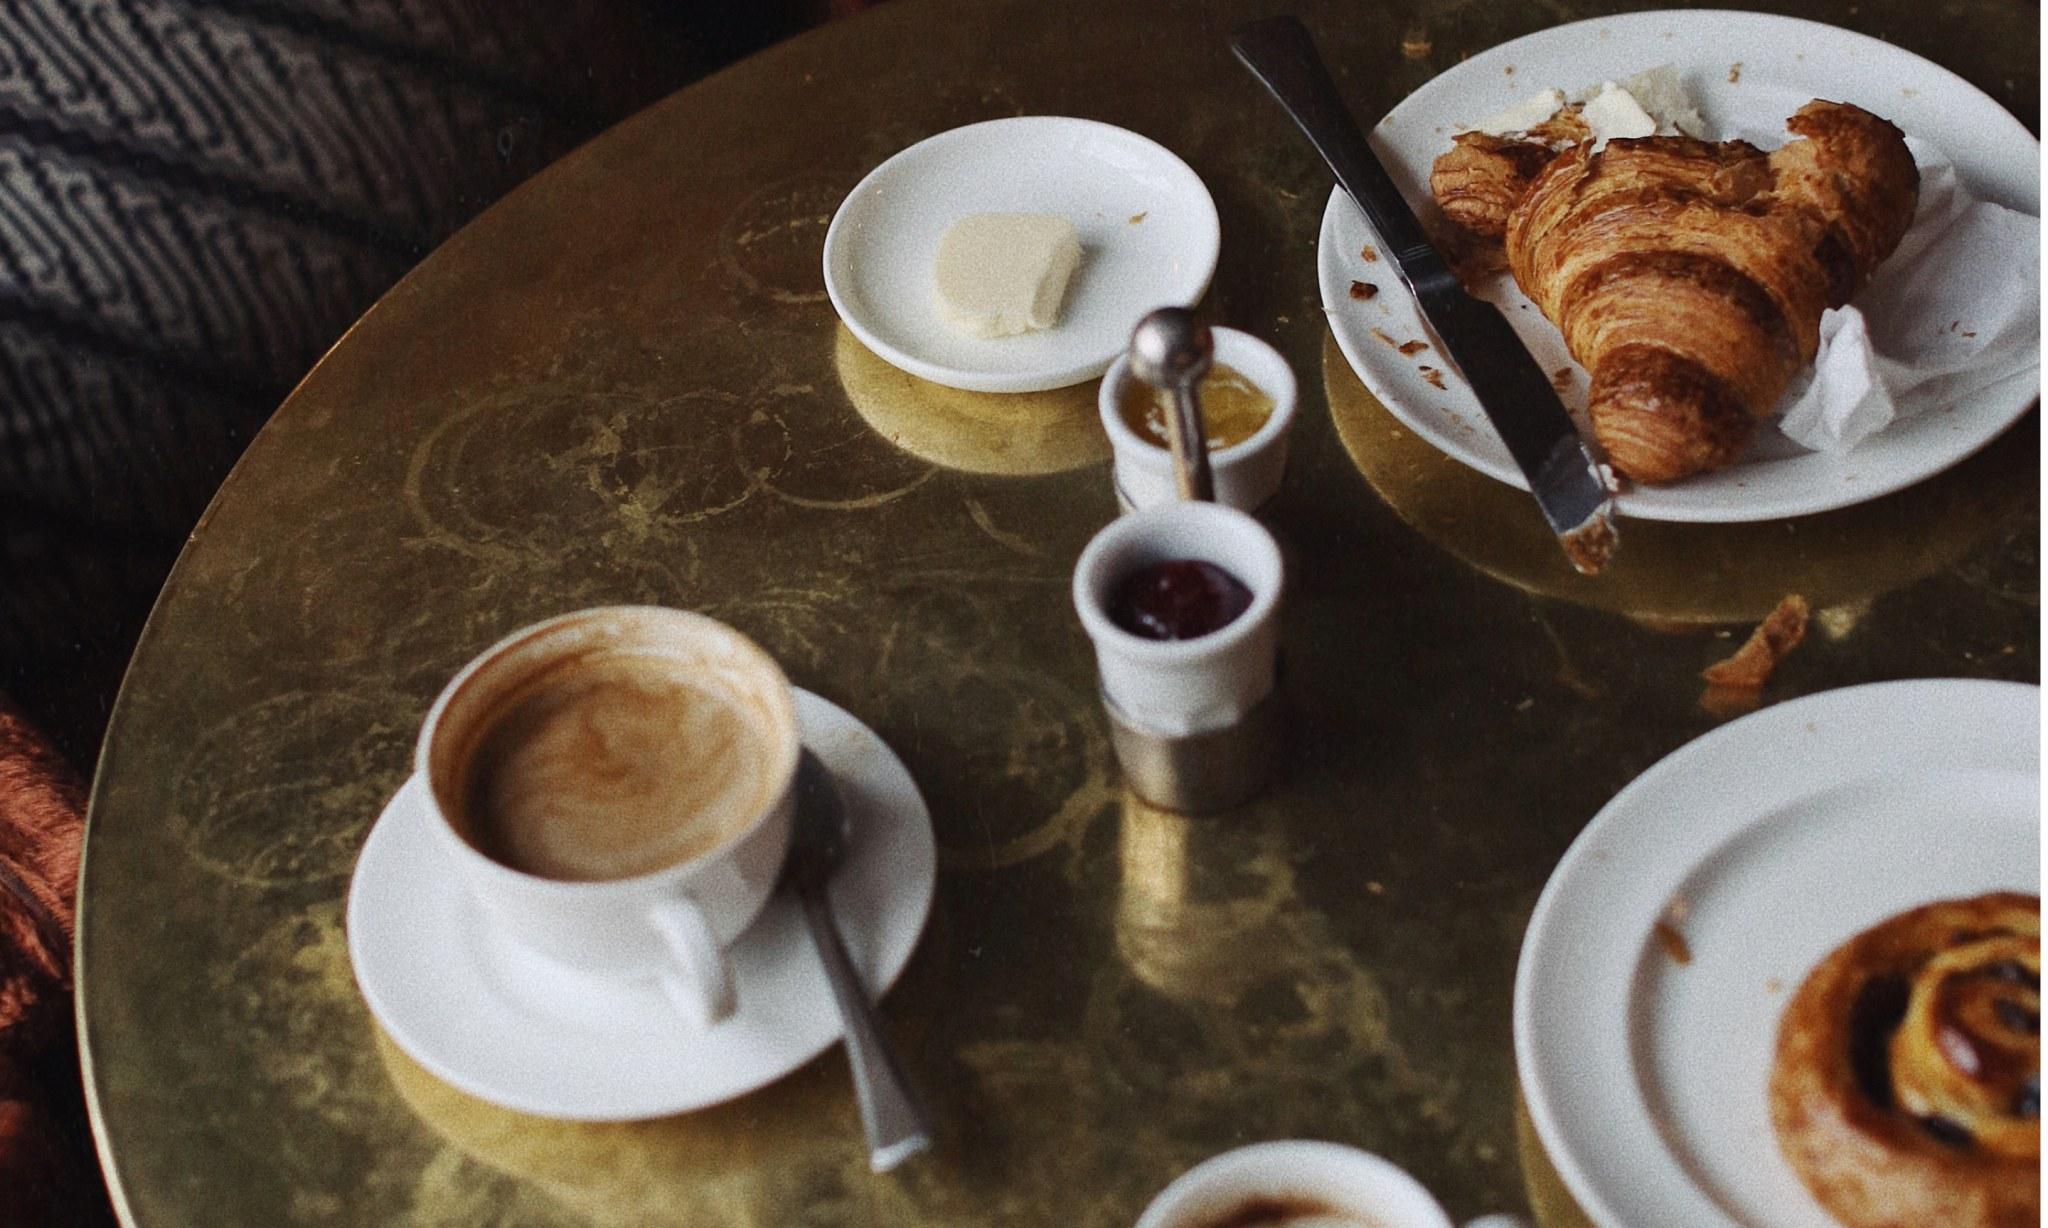 A half eaten breakfast on a table.